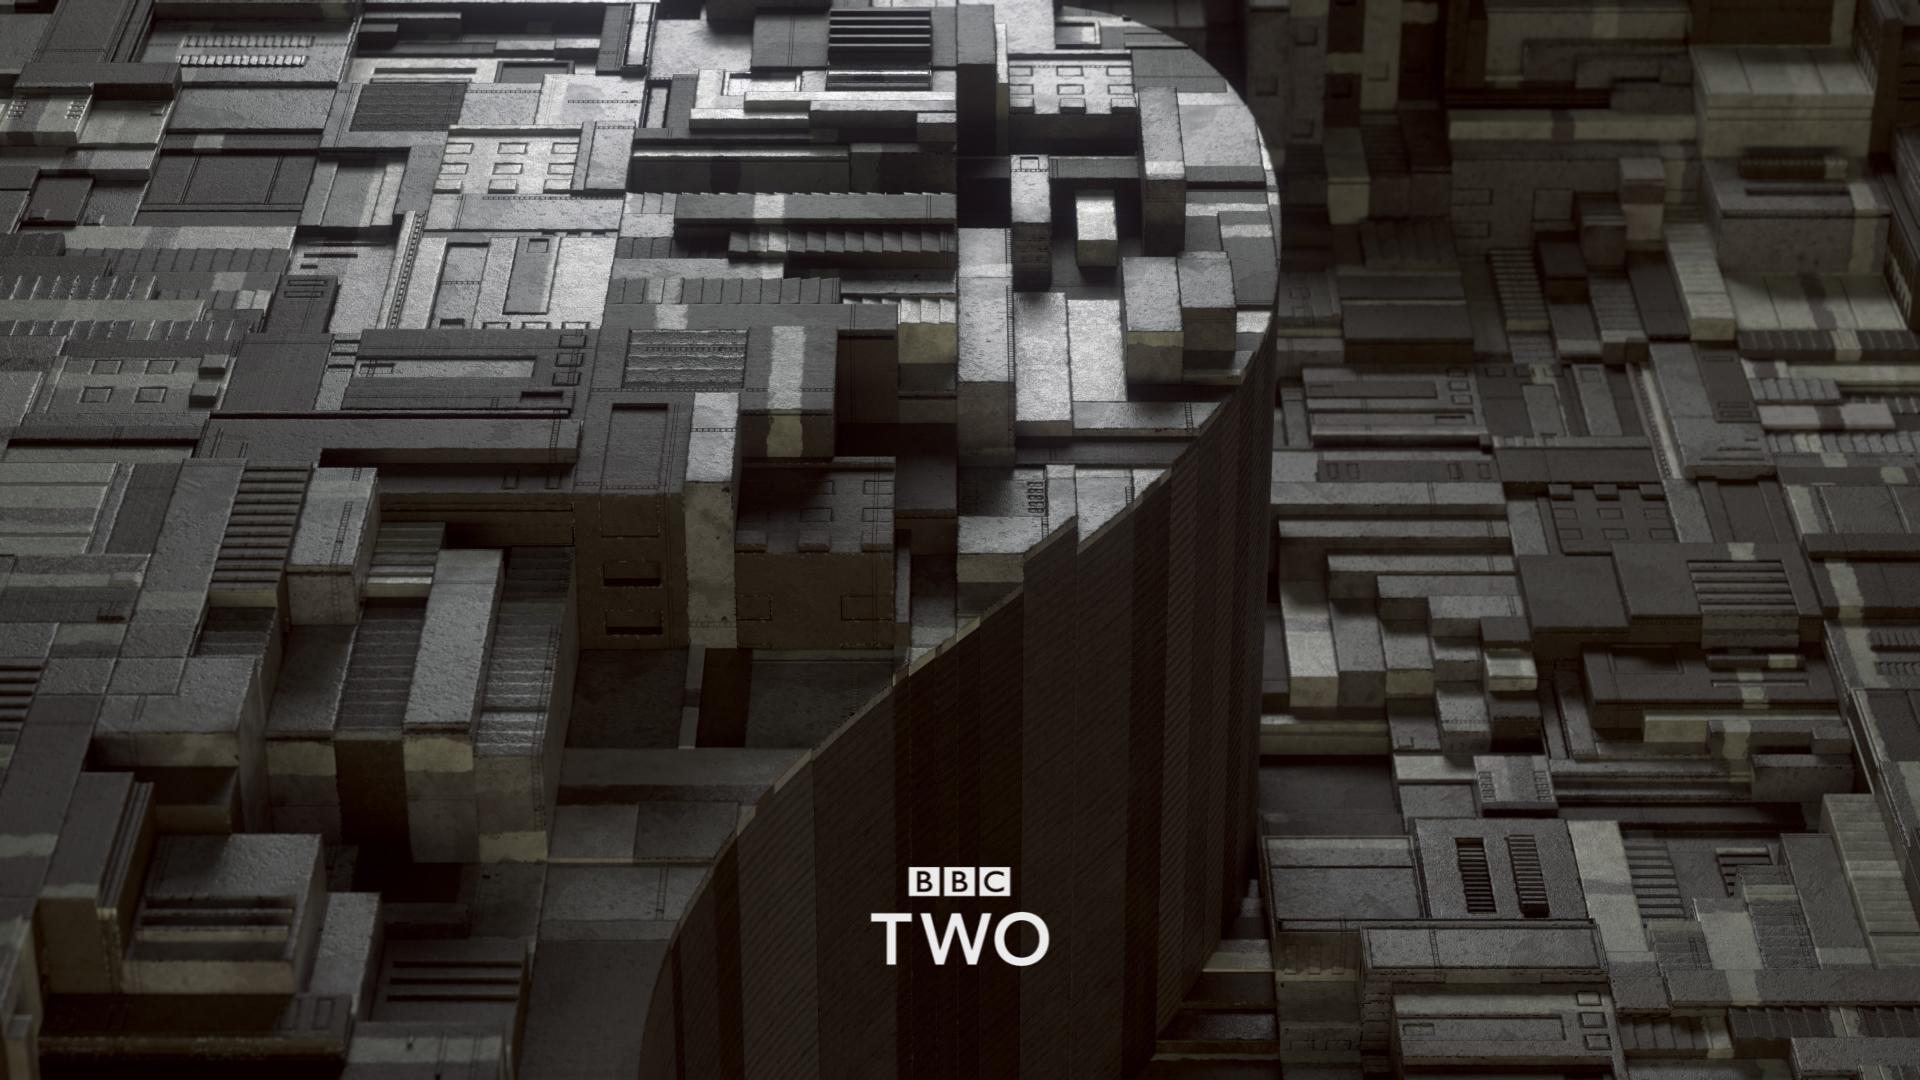 BBC2_ident_stills_00013.jpg